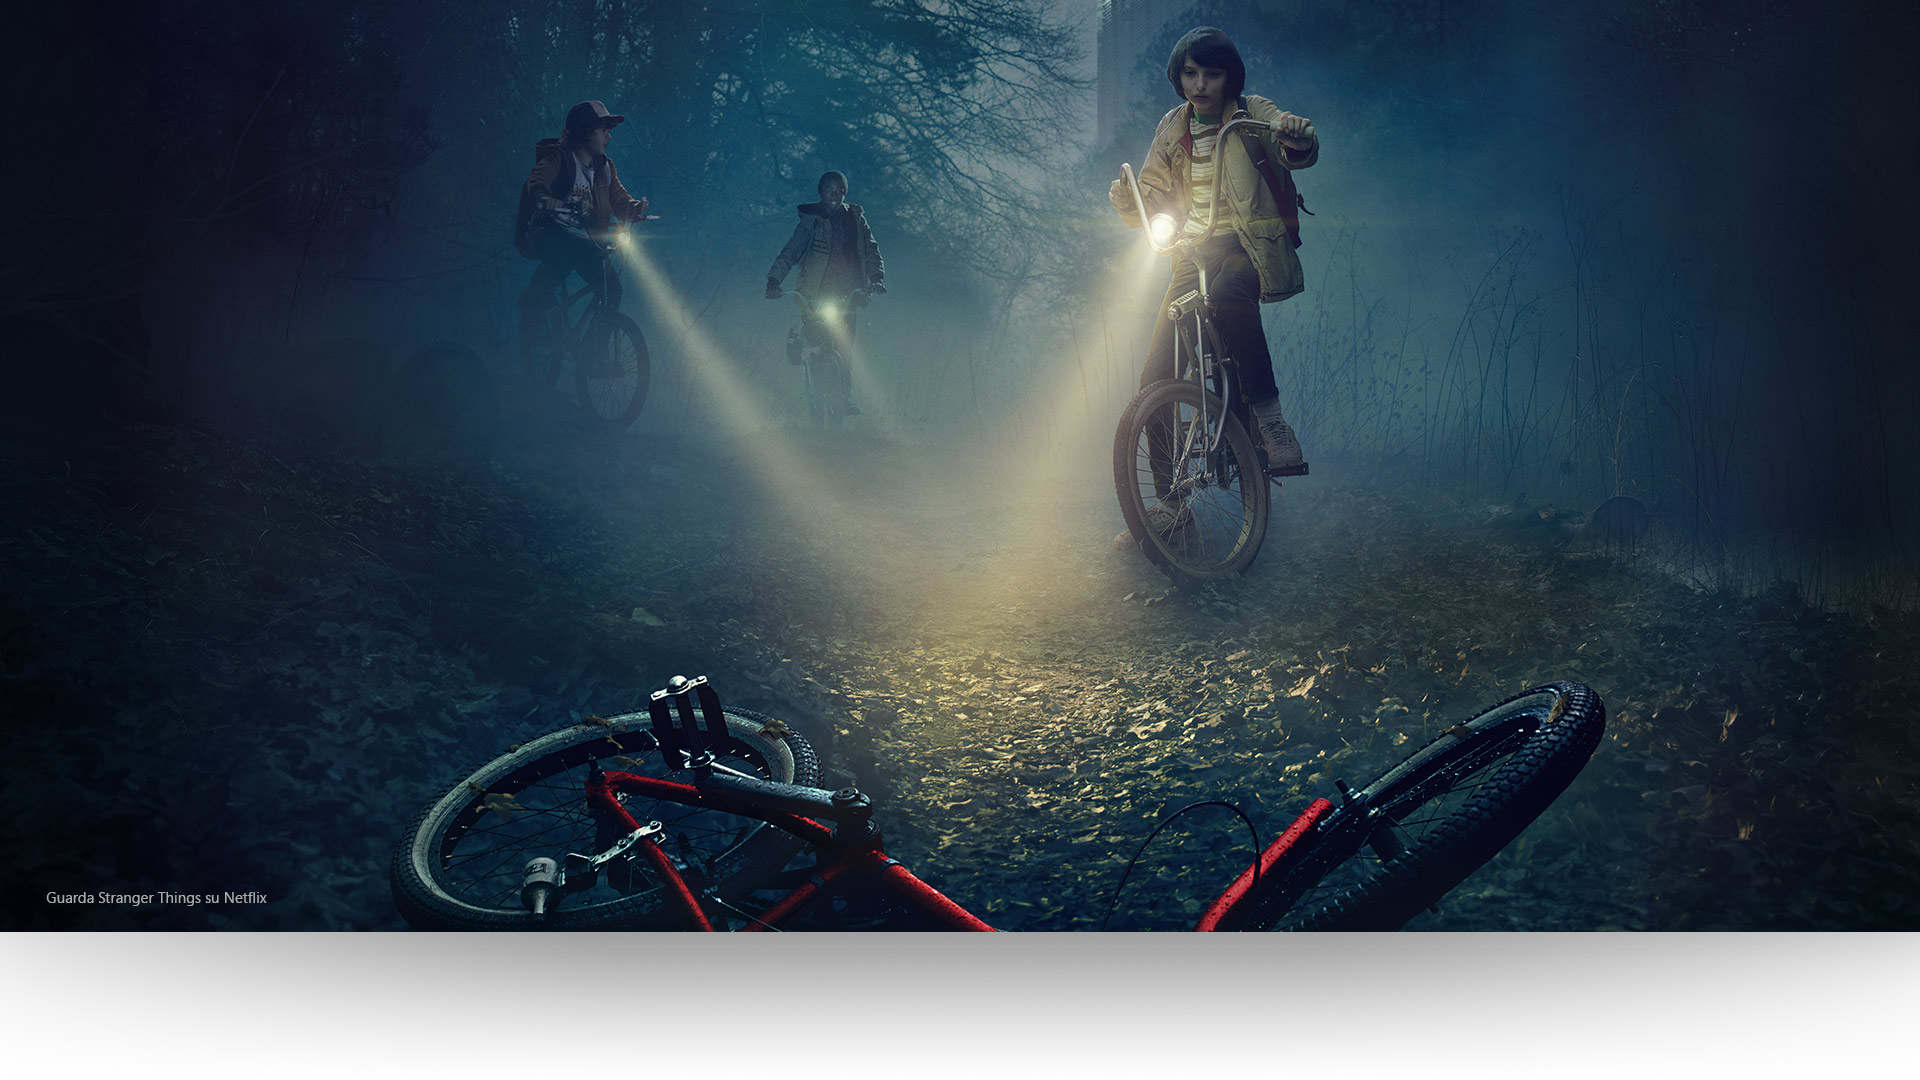 I ragazzi di Stranger Things scoprono una bici nel bosco